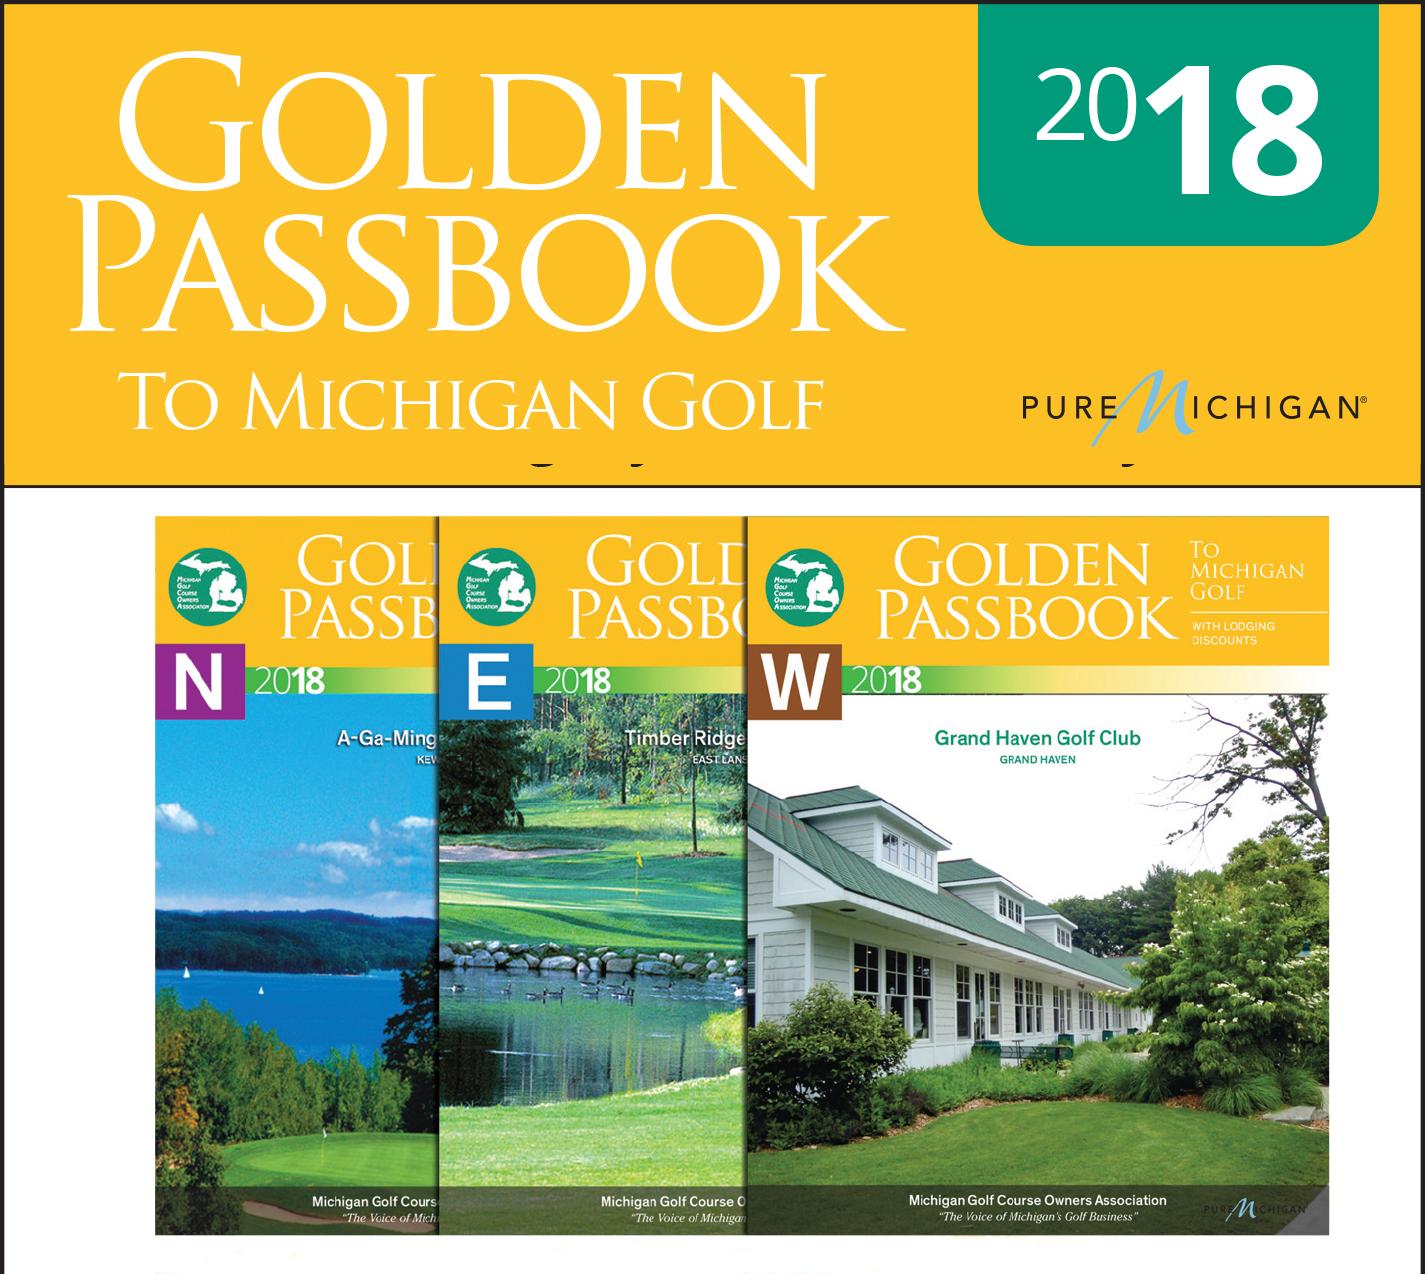 Golden Passbook